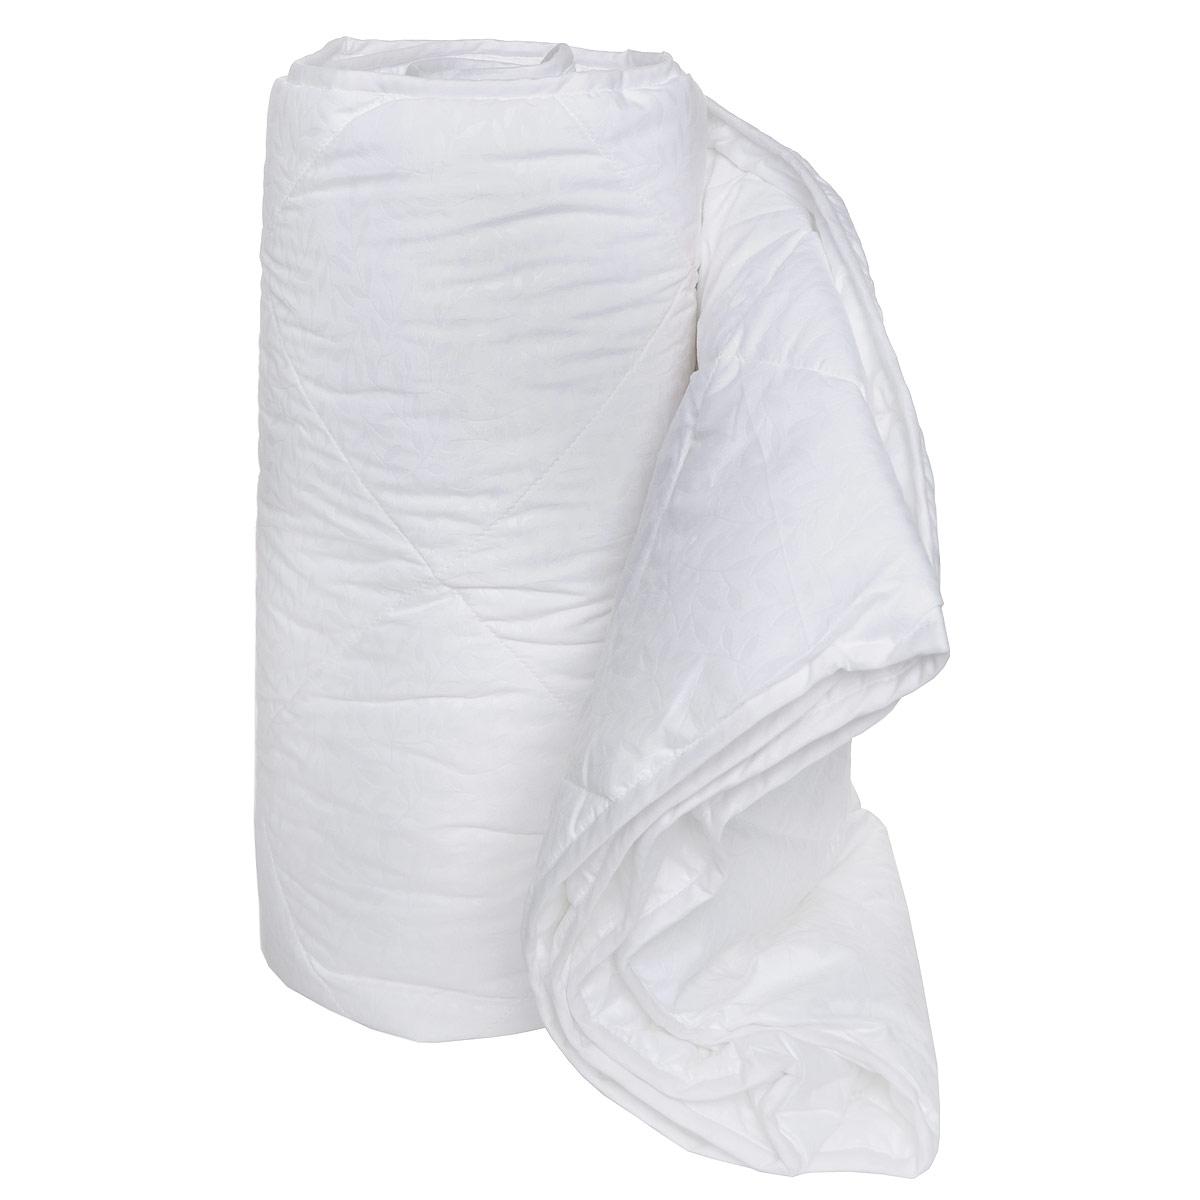 Одеяло облегченное OL-Tex Марсель, наполнитель: микроволокно OL-Tex, цвет: белый, 220 см х 200 смОЛМ-22-2Одеяло OL-Tex Марсель подарит невероятную мягкость, здоровый и комфортный сон. Чехол выполнен из микрофибры белого цвета с изящным цветочным узором. Внутри - полиэфирное высокосиликонизированное микроволокно OL-Tex. Это волокно является усовершенствованным аналогом наполнителя Лебяжий пух. Благодаря уникальной технологии, наполнитель отличается безупречным качеством. Одеяло простегано и окантовано. Стежка равномерно удерживает наполнитель в чехле. Основные свойства наполнителя OL-Tex: - особая мягкость и легкость, - отличные терморегулирующие свойства, - не вызывает аллергии, - практичность и легкий уход. Одеяло облегченное, поэтому подходит на летний сезон, оно дарит комфортное тепло, под ним вам не будет жарко. Рекомендации по уходу: - Ручная и машинная стирка при температуре 30°С. - Не гладить. - Не отбеливать. - Нельзя отжимать и сушить в стиральной машине. - Сушить вертикально. Размер одеяла: 220 см х 200 см. ...